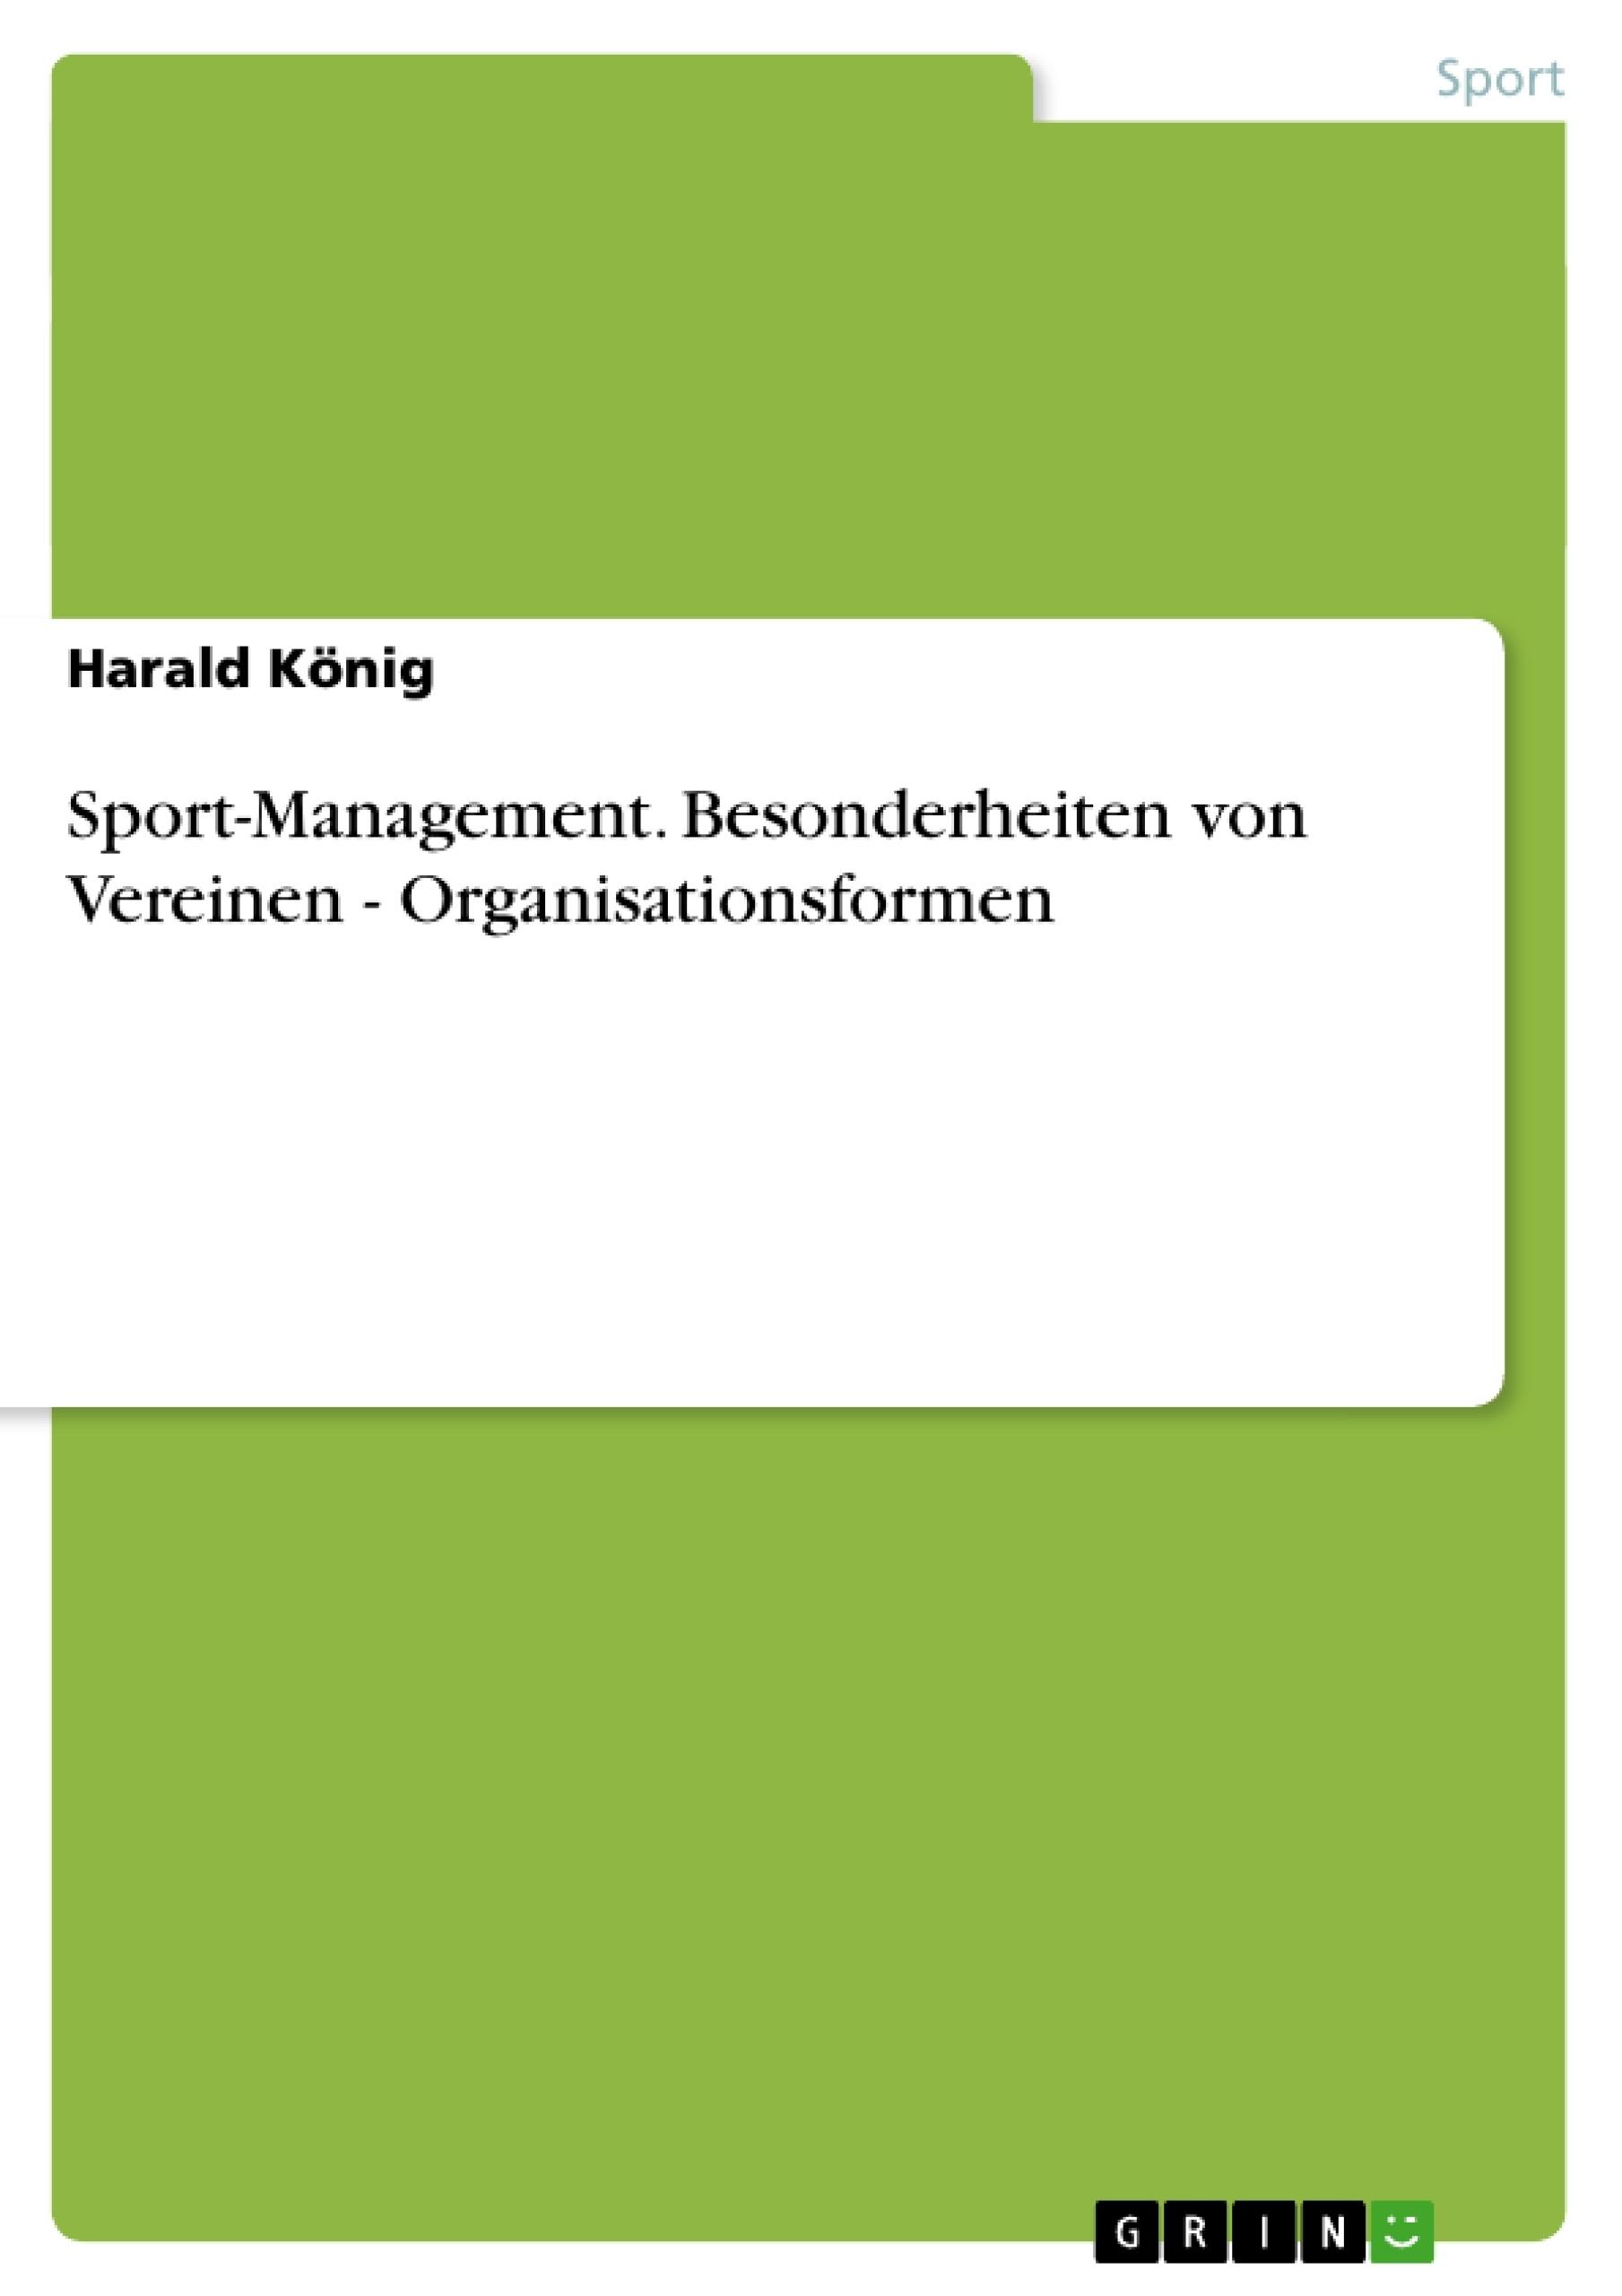 Titel: Sport-Management. Besonderheiten von Vereinen - Organisationsformen